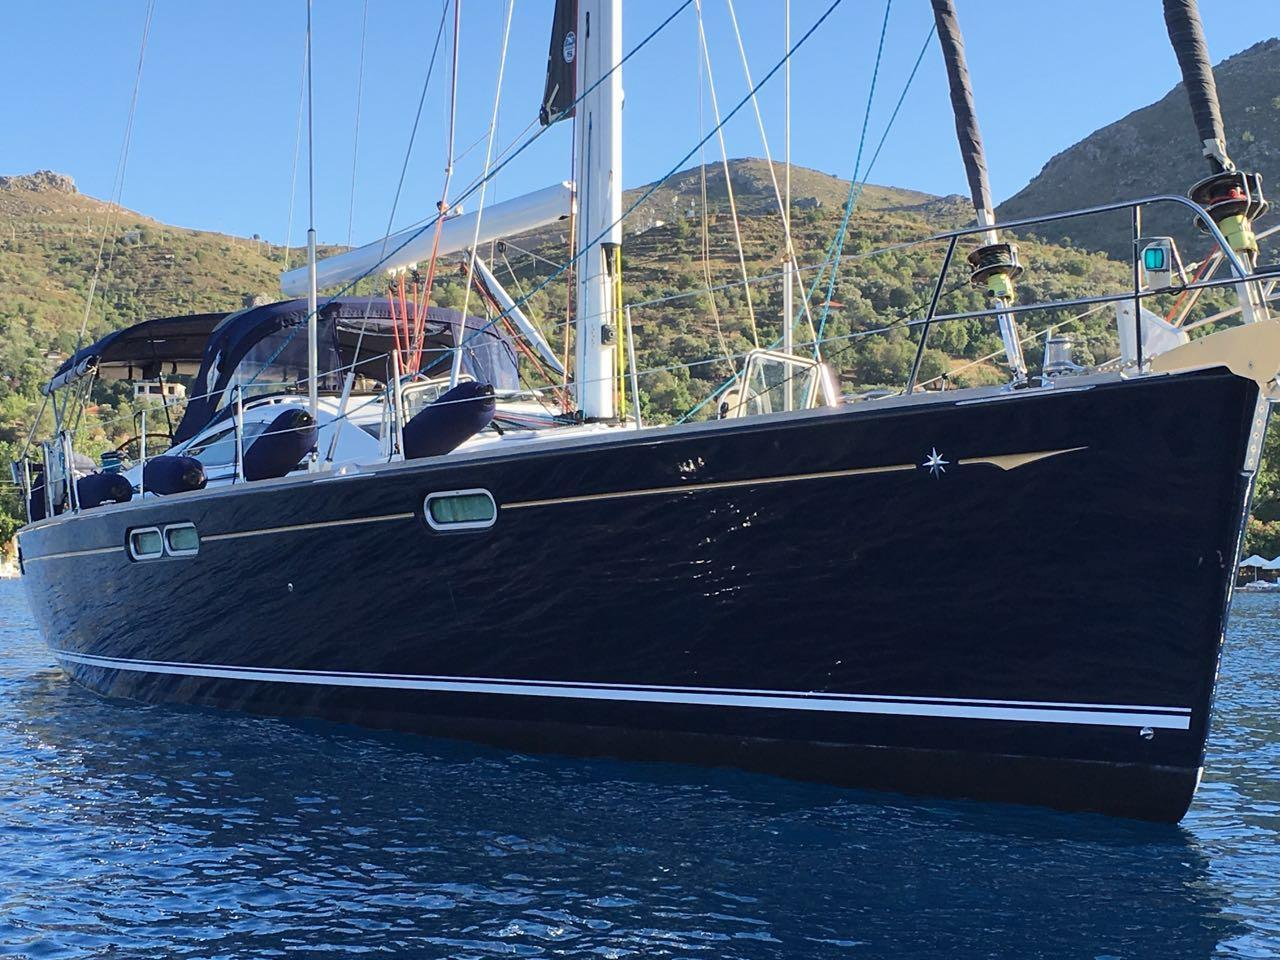 2009 Jeanneau Sun Odyssey 54 Ds Greece Boats Com